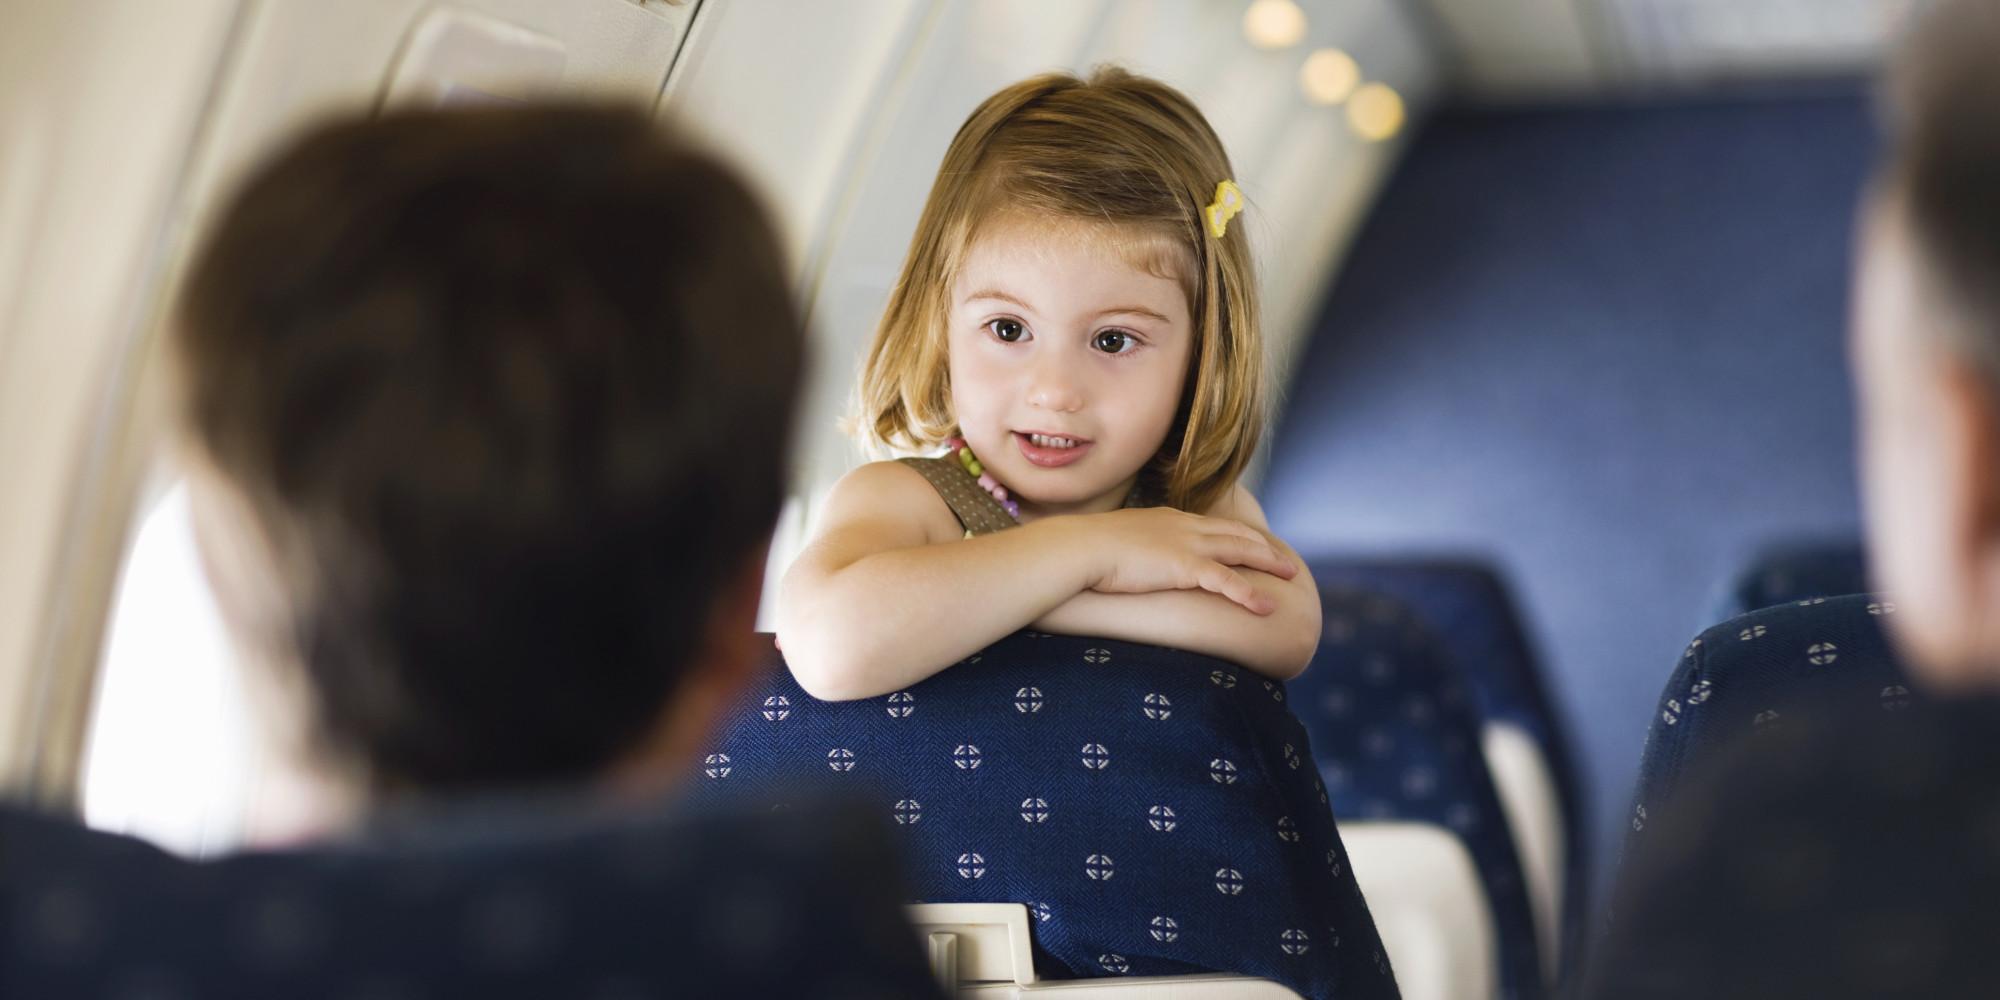 Ինչ պետք է իմանալ ինքնաթիռով թռչելիս